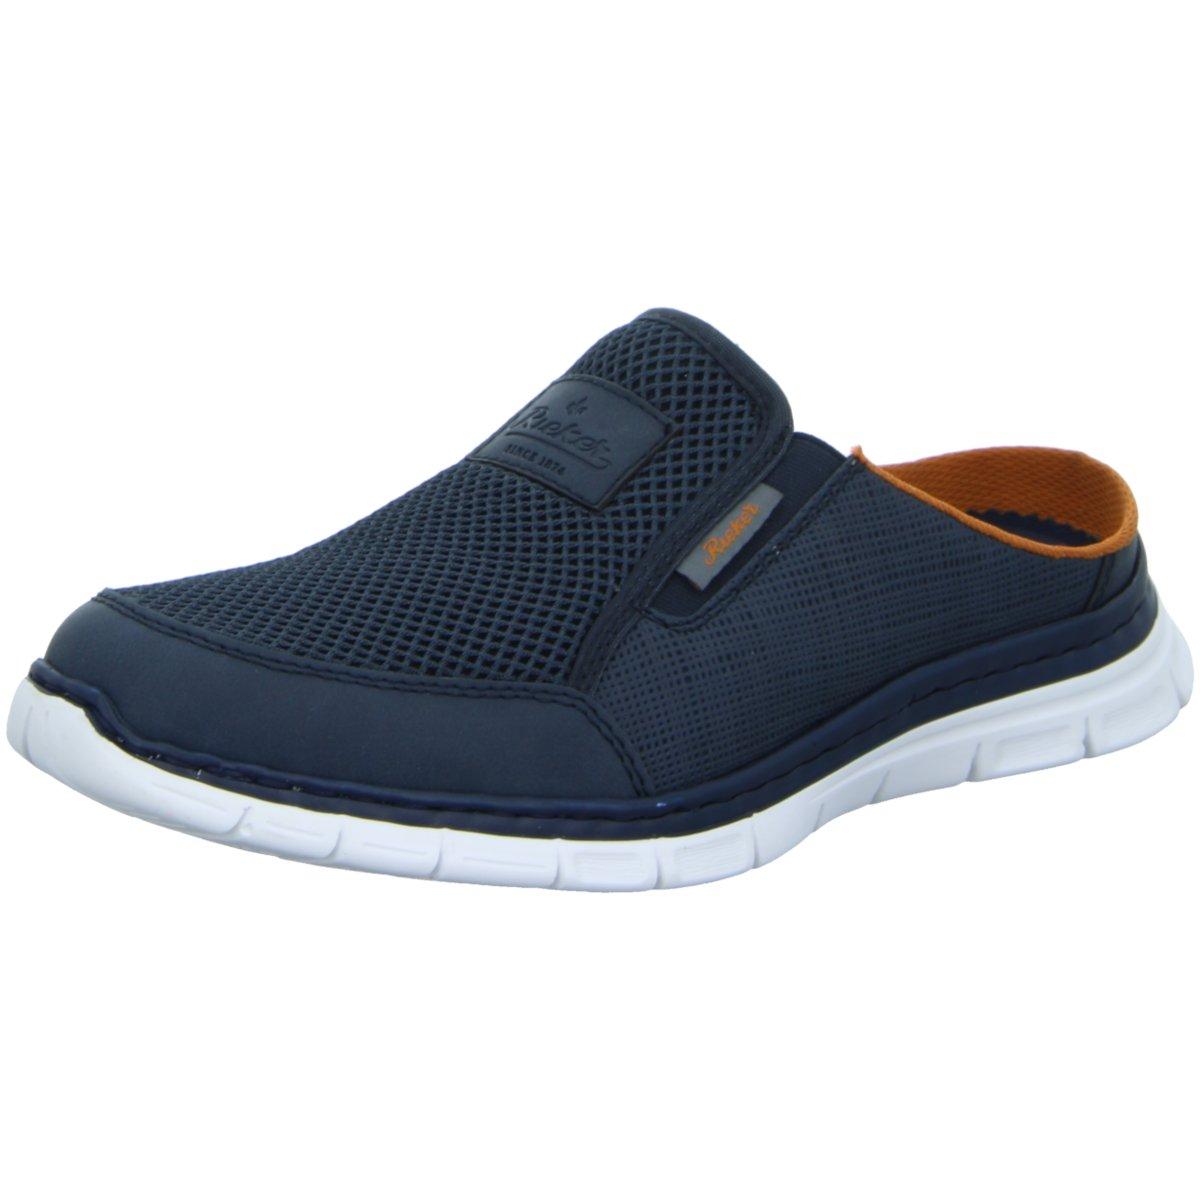 Details zu Rieker Bastia Airmesh Schuhe Sandalen Pantoletten